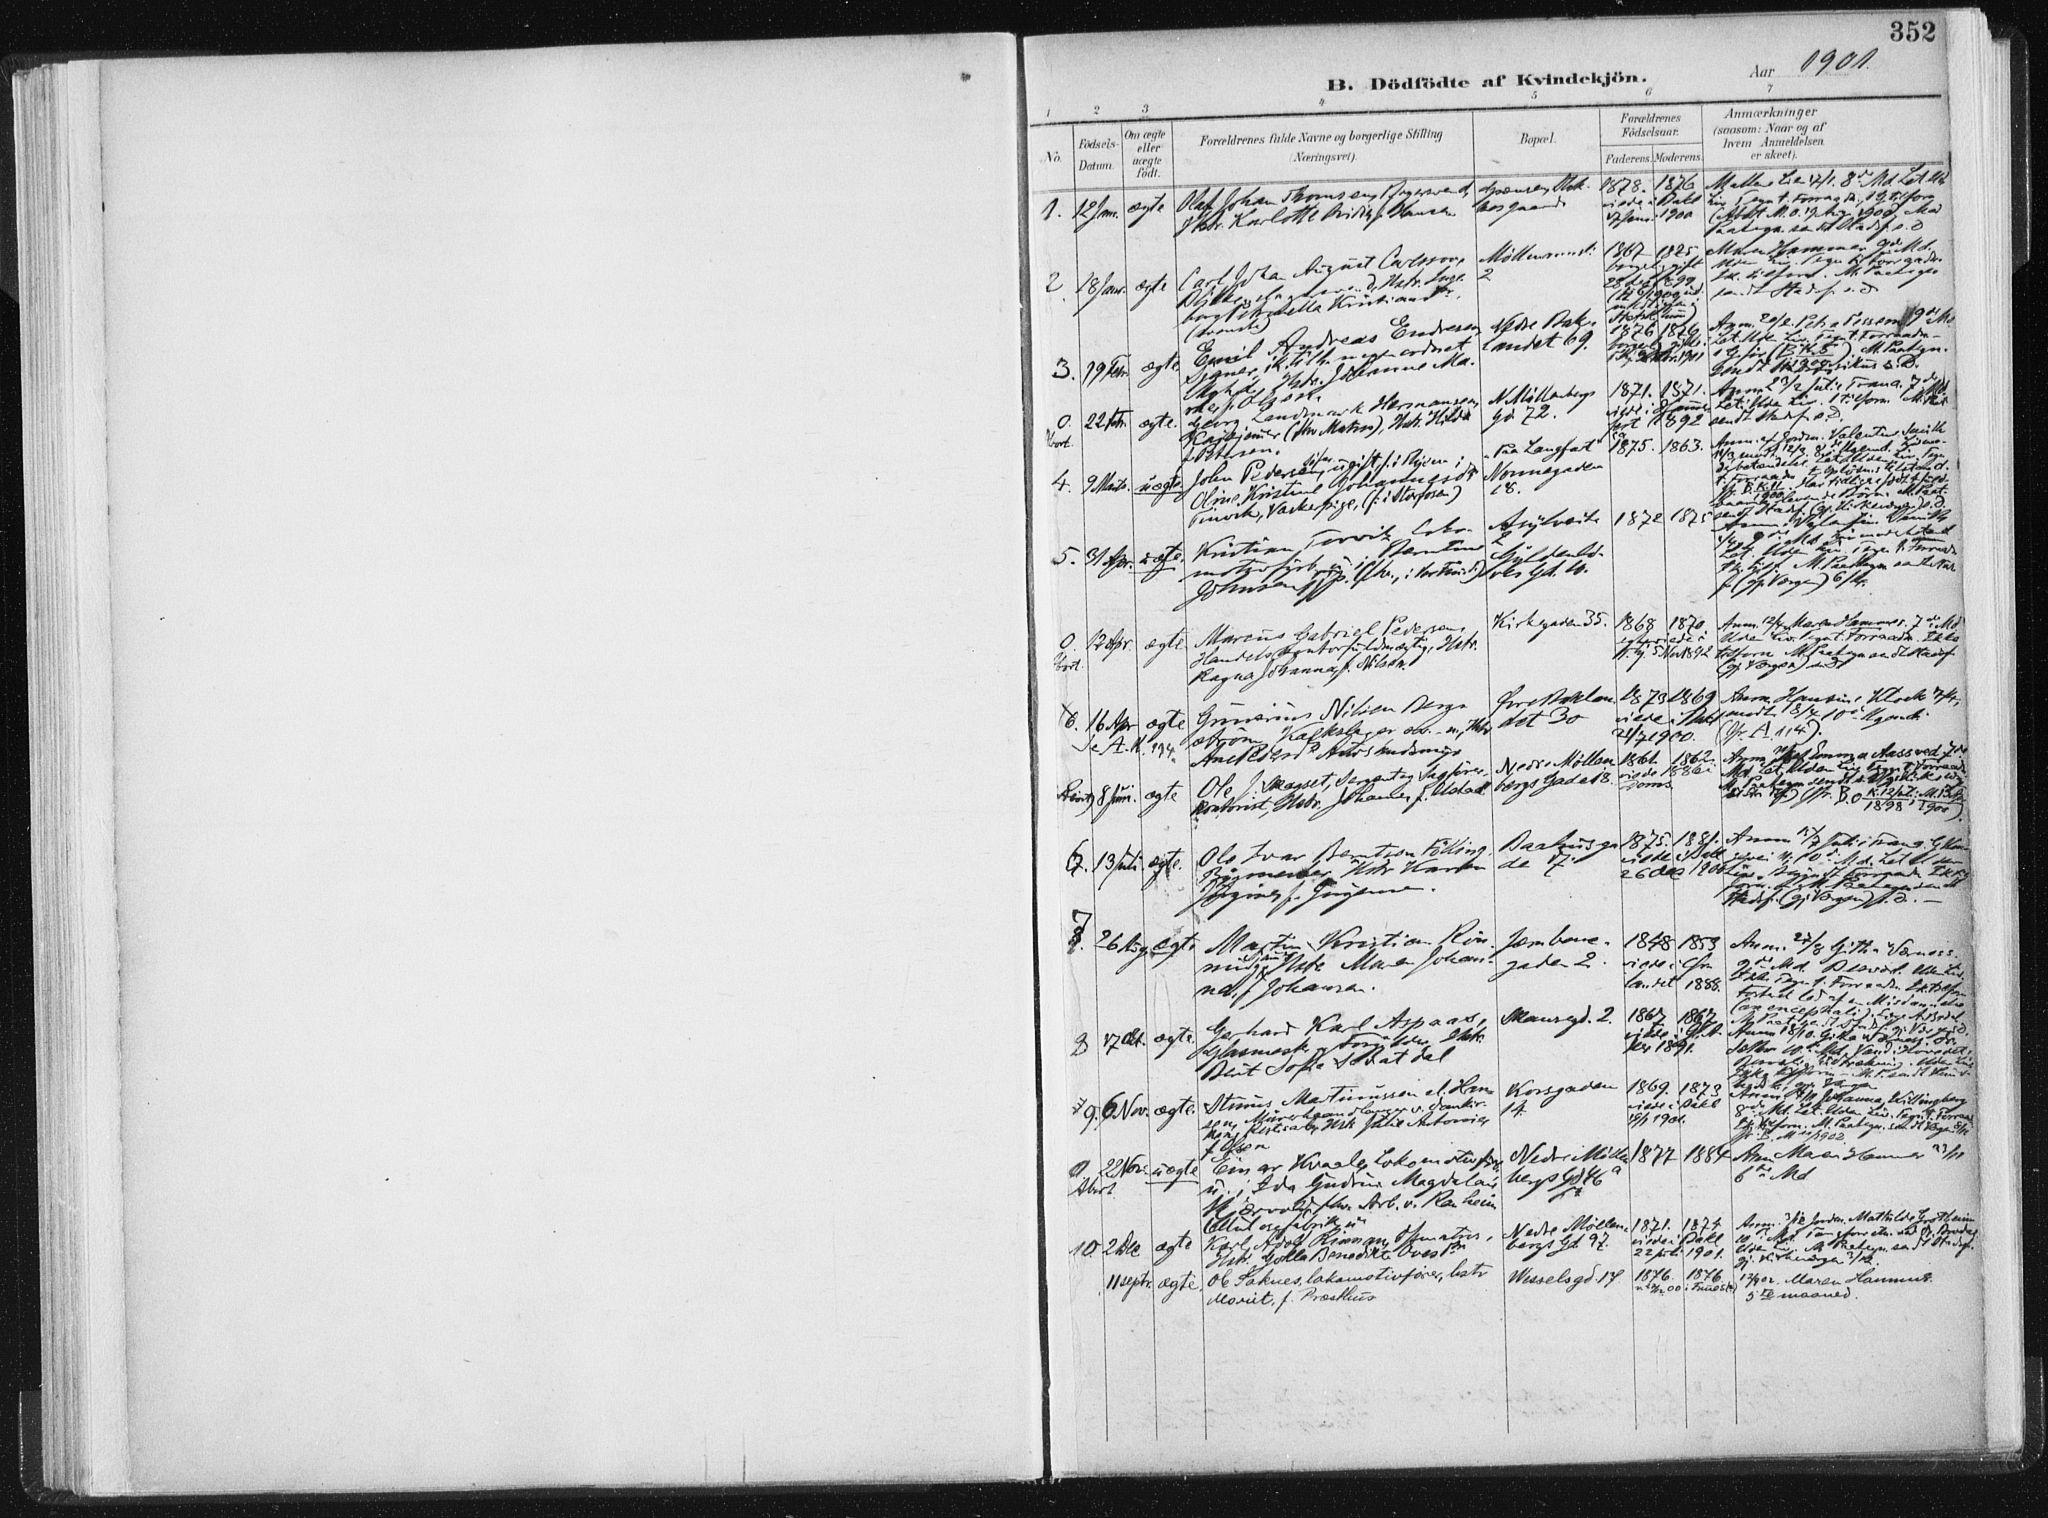 SAT, Ministerialprotokoller, klokkerbøker og fødselsregistre - Sør-Trøndelag, 604/L0200: Ministerialbok nr. 604A20II, 1901-1908, s. 352